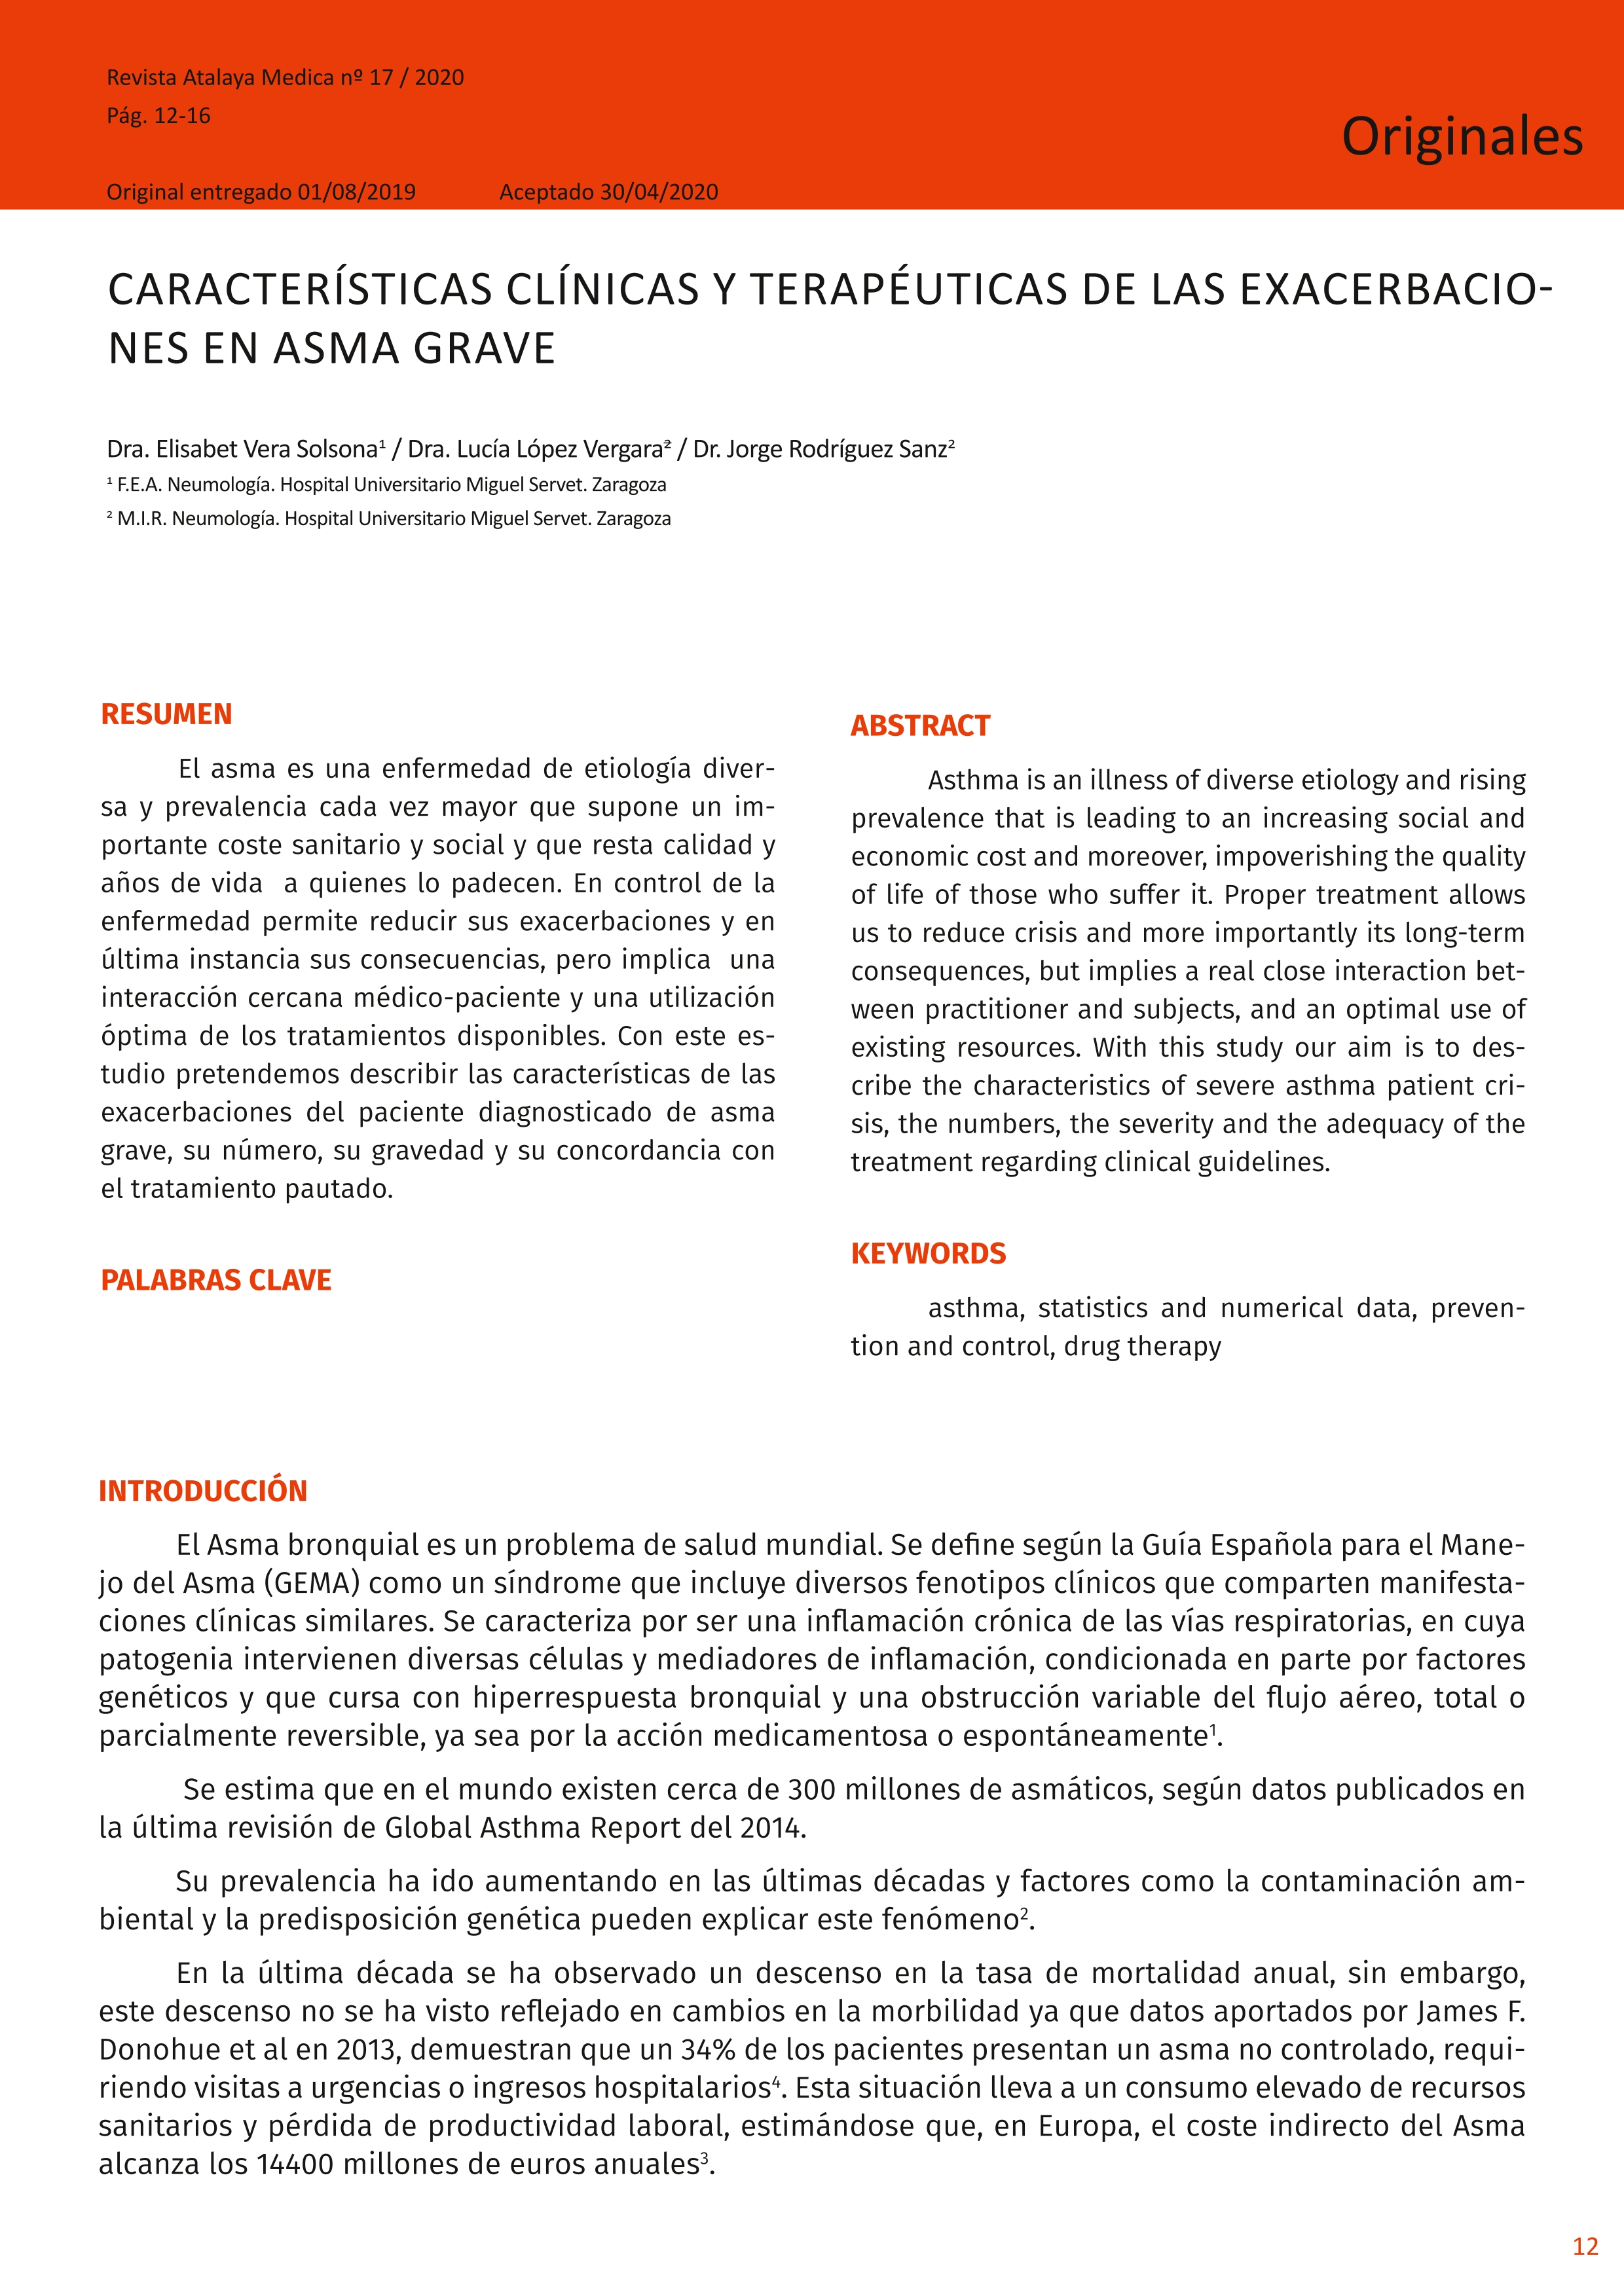 Características clínicas y terapéuticas de las exacerbaciones en asma grave